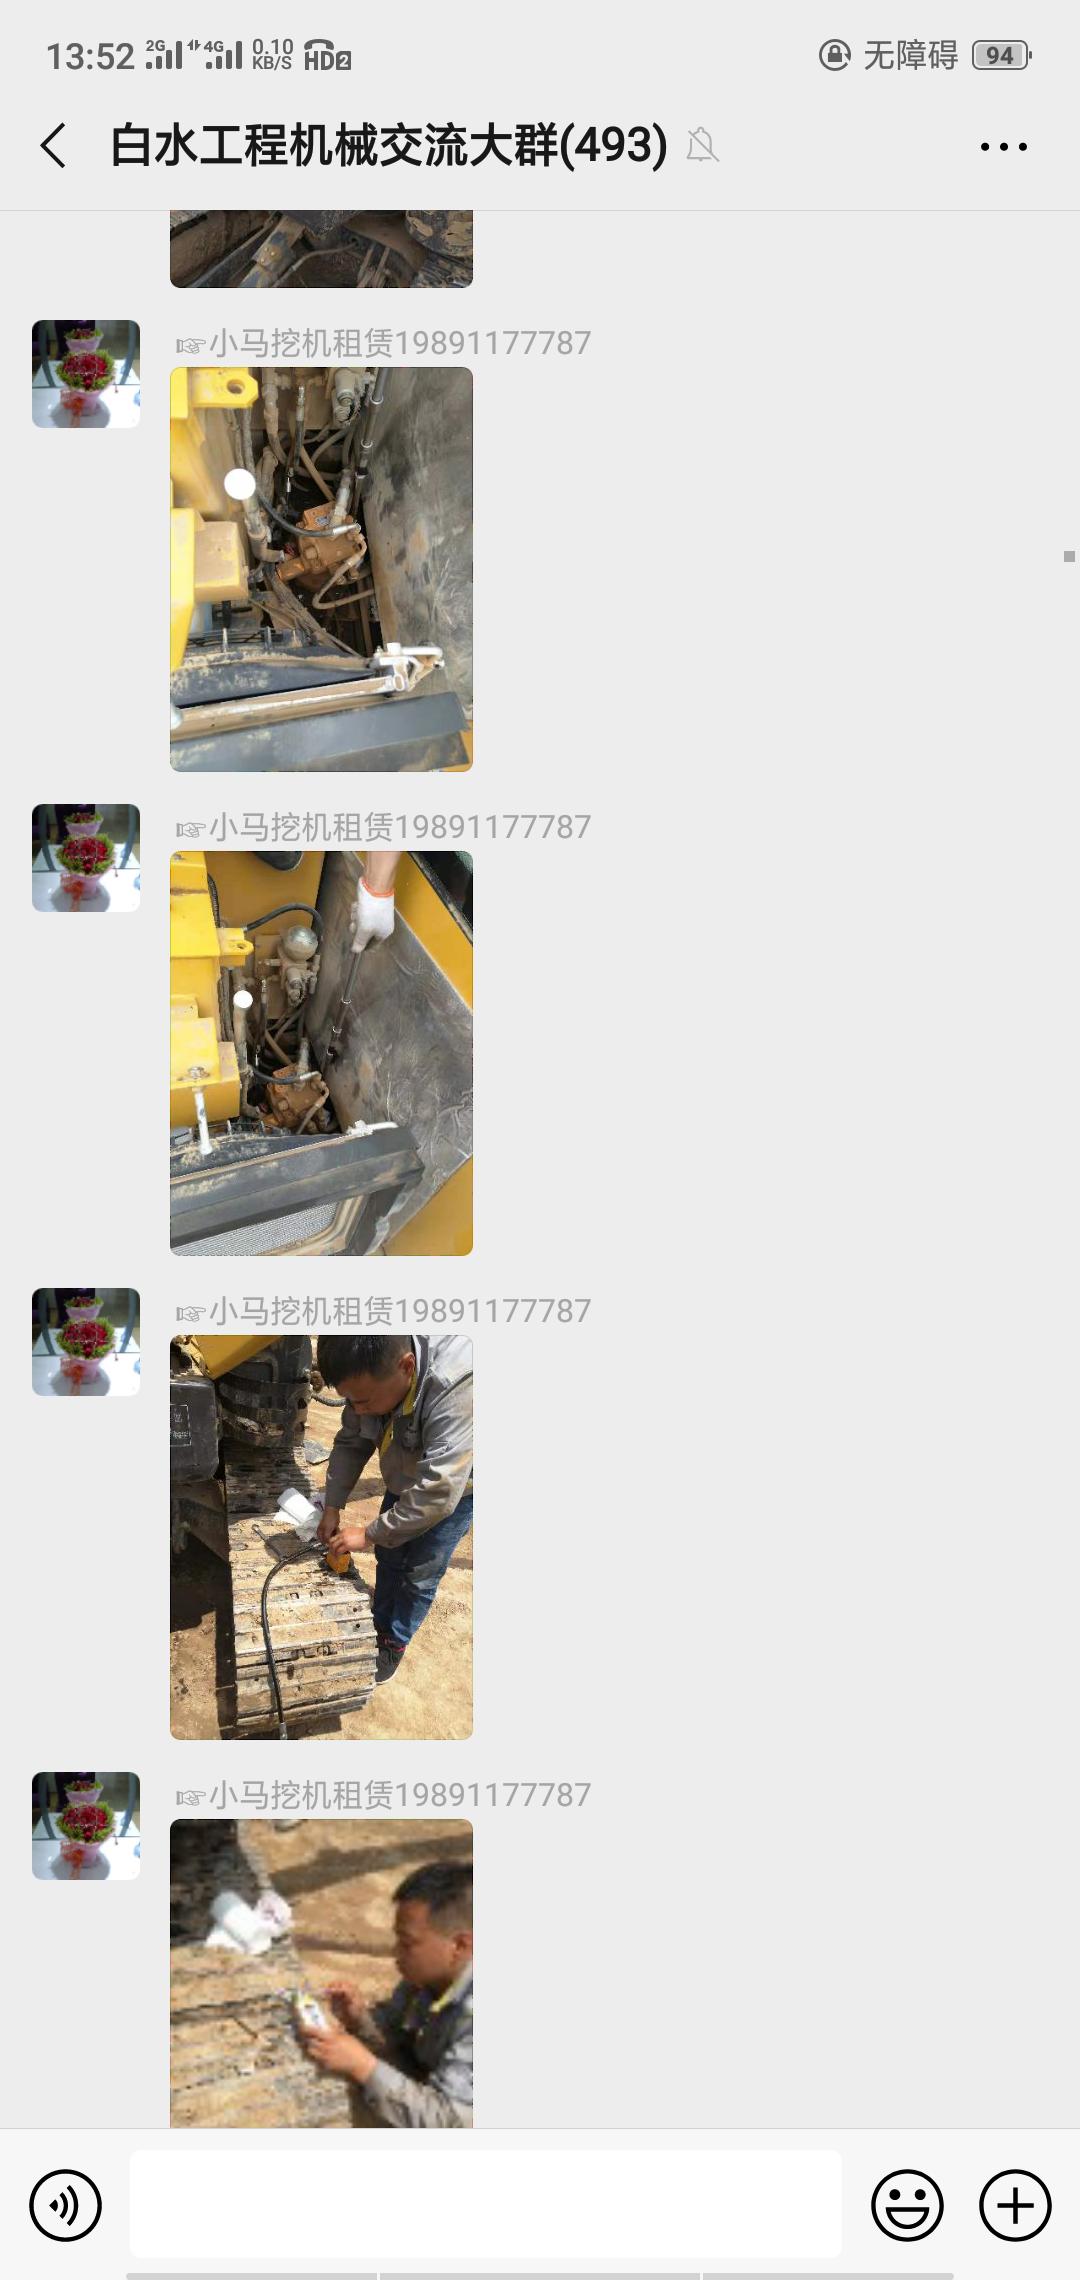 临工挖机服务真不行